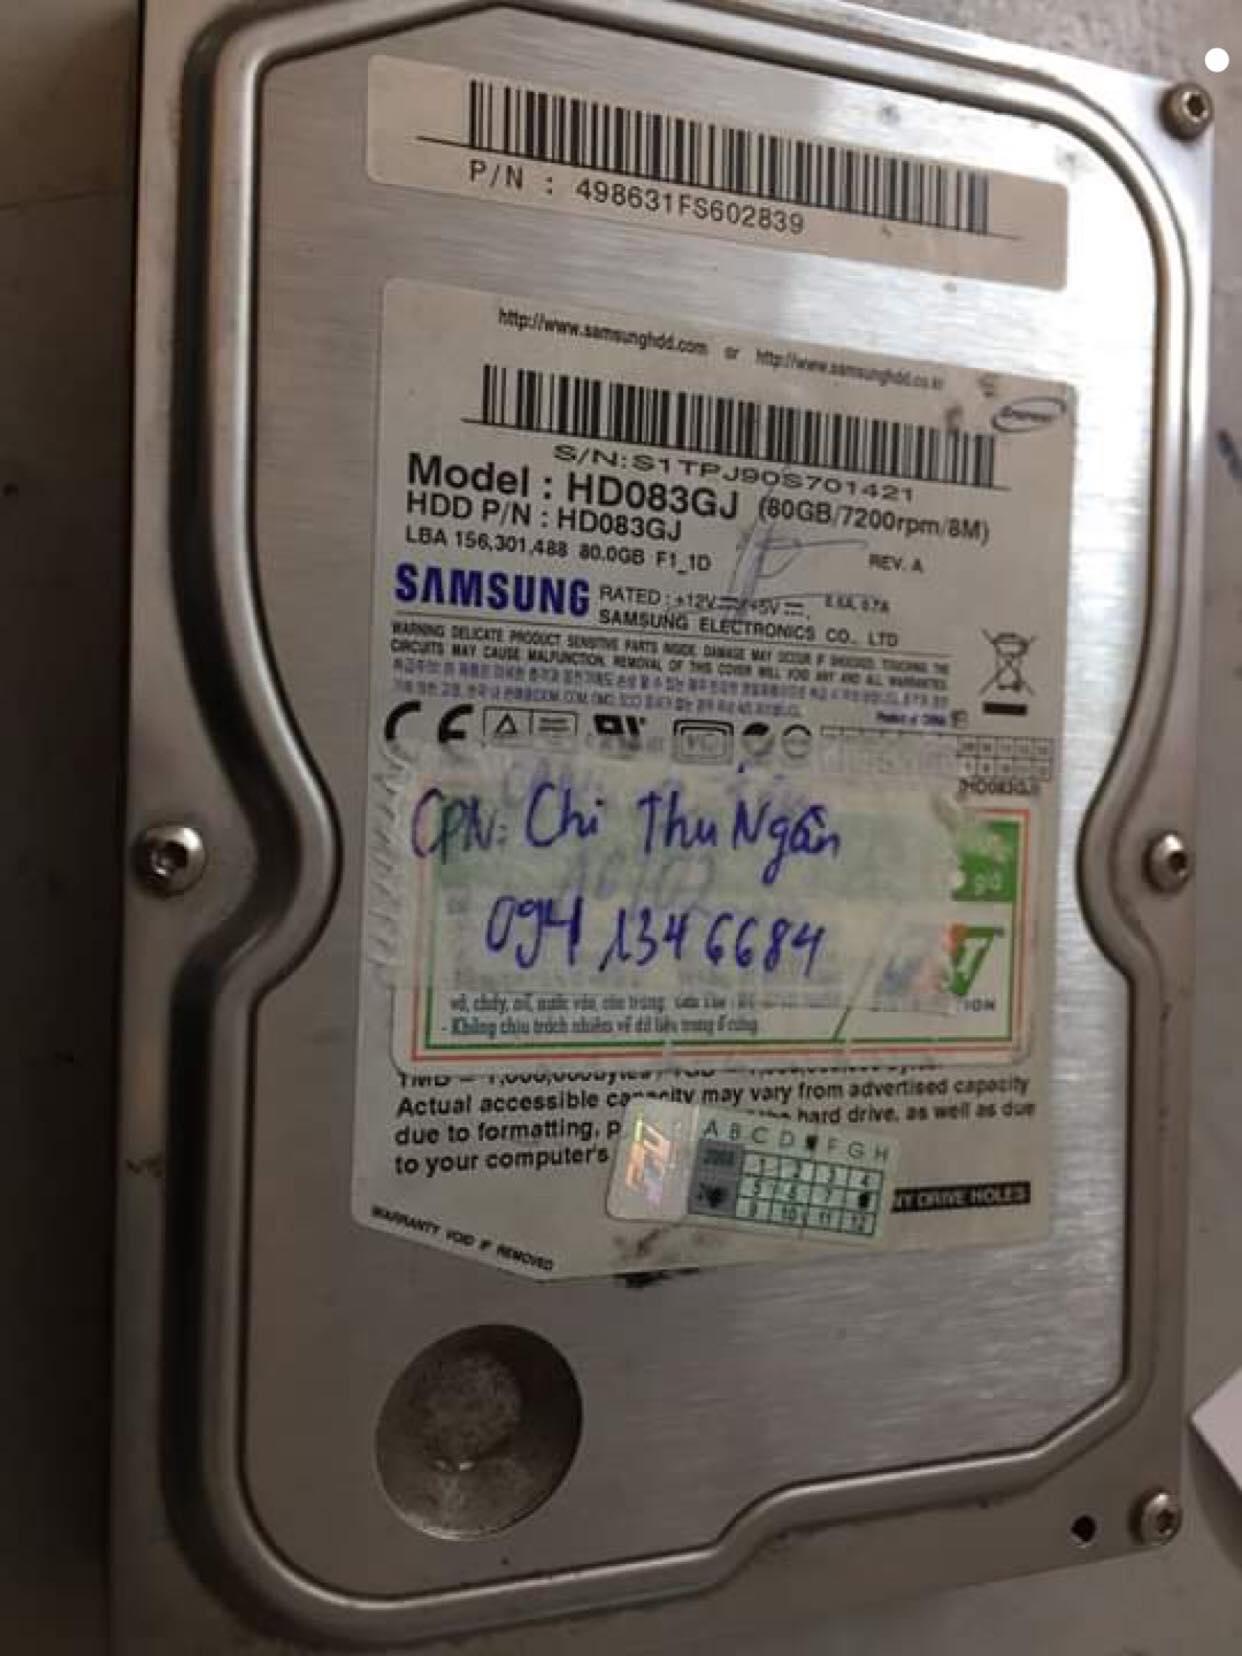 Phục hồi dữ liệu ổ cứng Samsung 80GB lỗi cơ tại Huế 22/02/2019 - cuumaytinh